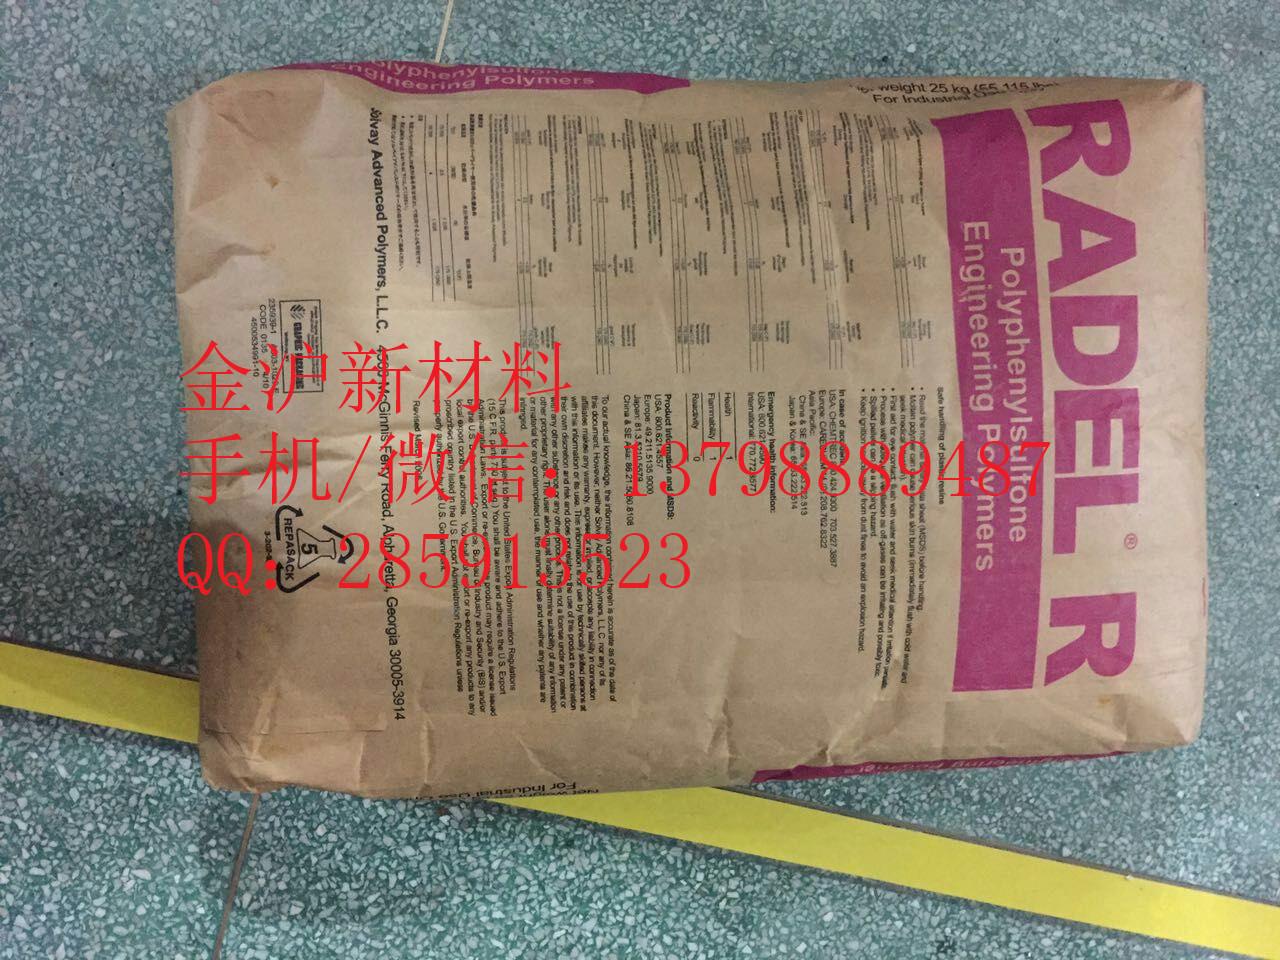 PC CFR7630-7T1D227 沙伯